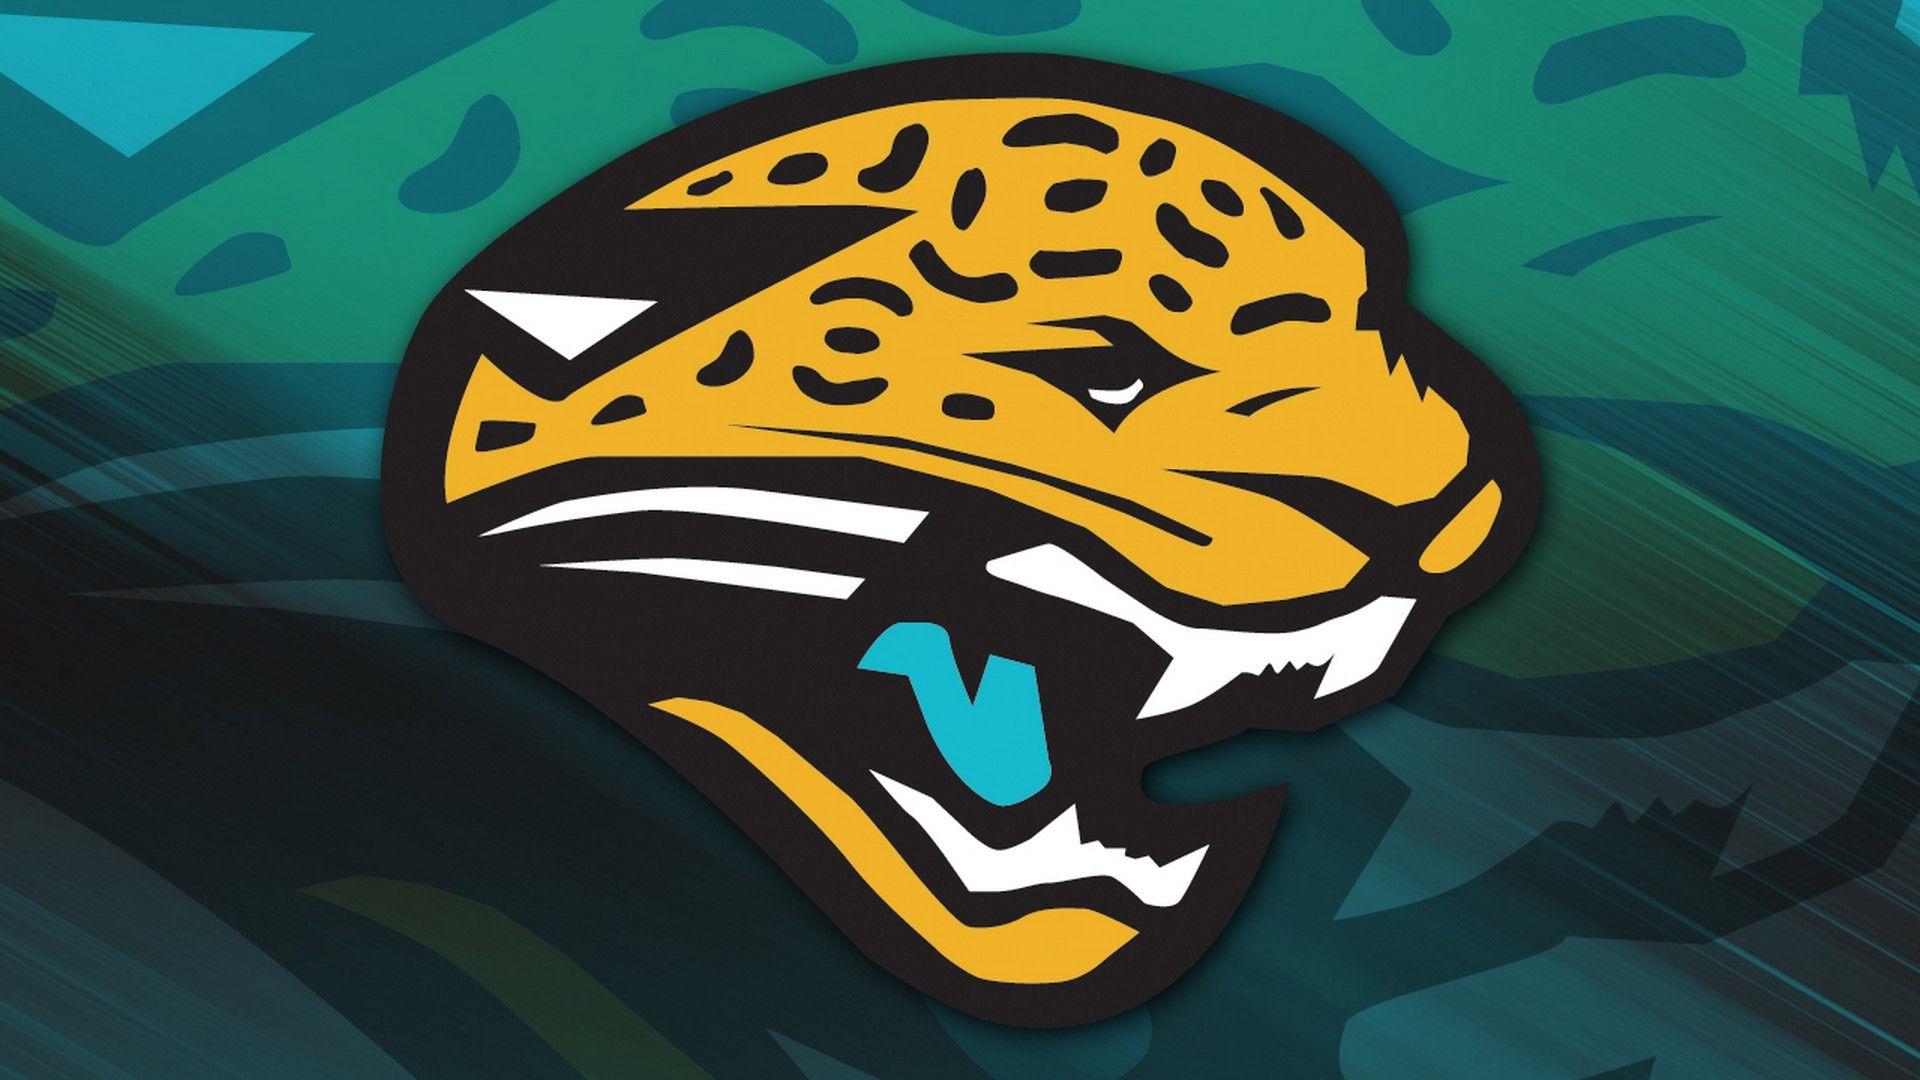 Hd Backgrounds Jacksonville Jaguars Nfl 2021 Nfl Football Wallpapers Jacksonville Jaguars Nfl Football Wallpaper Jaguars